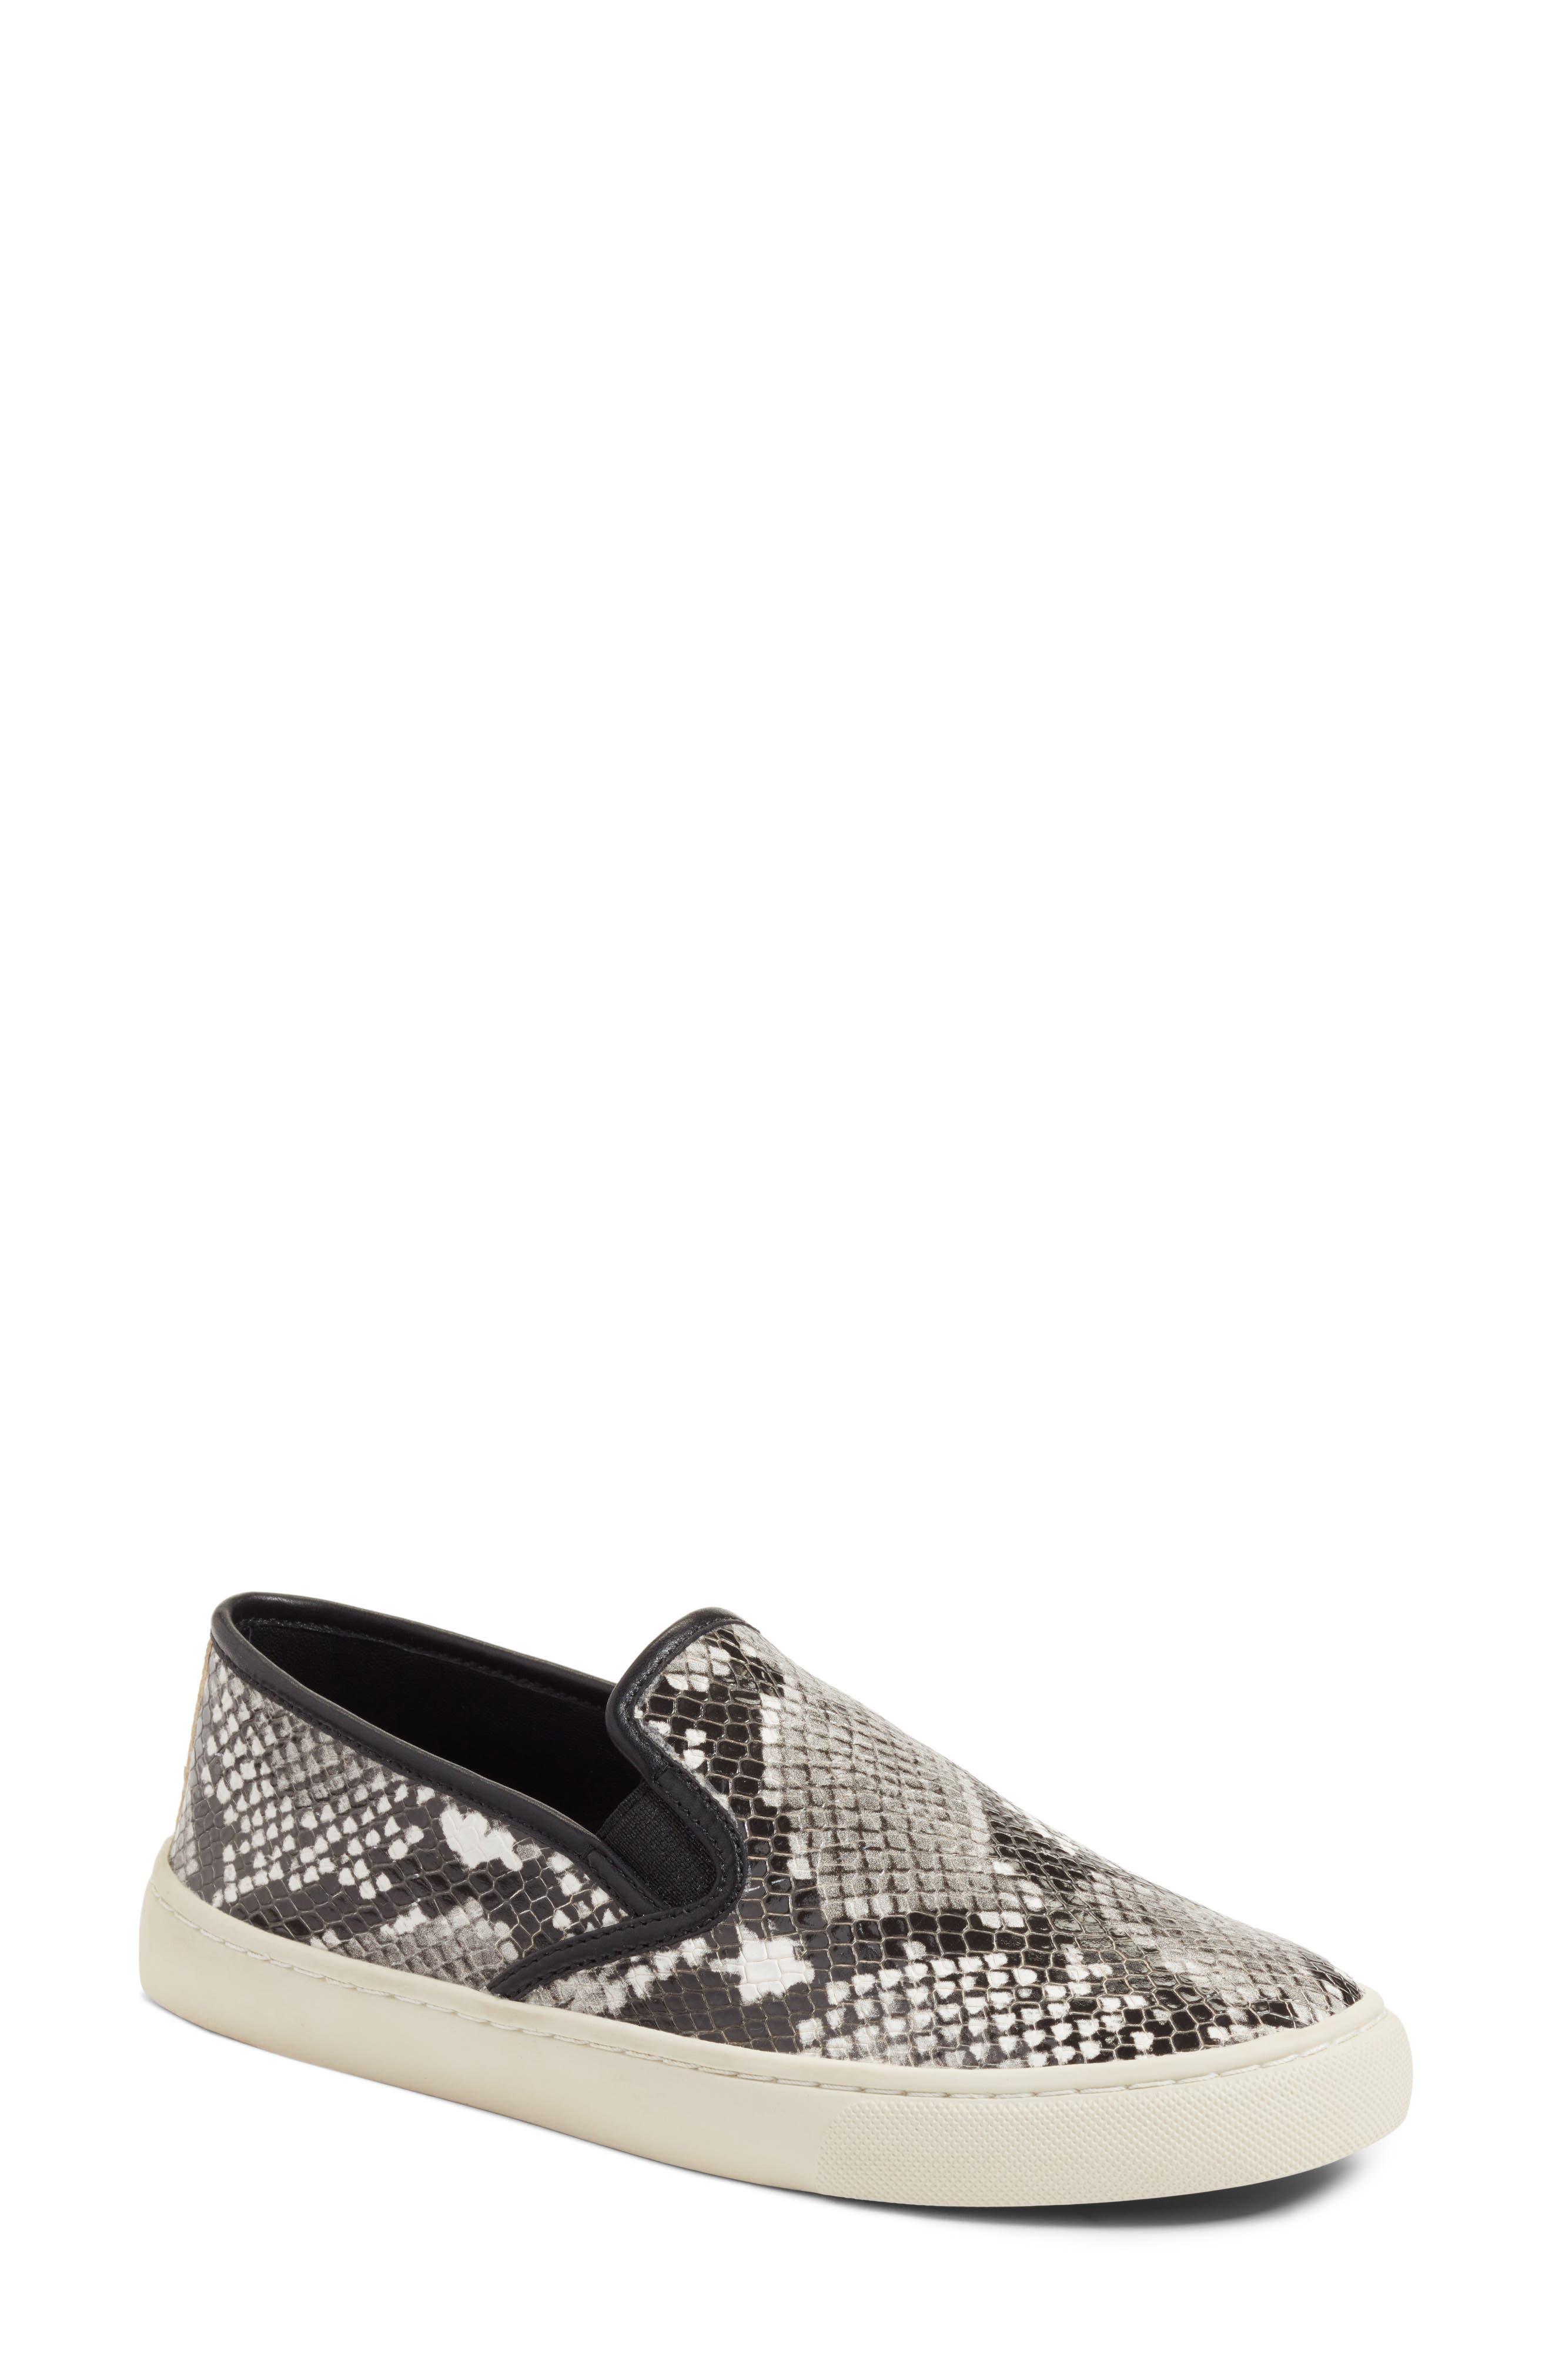 Tory Burch Max Slip-On Sneaker (Women)